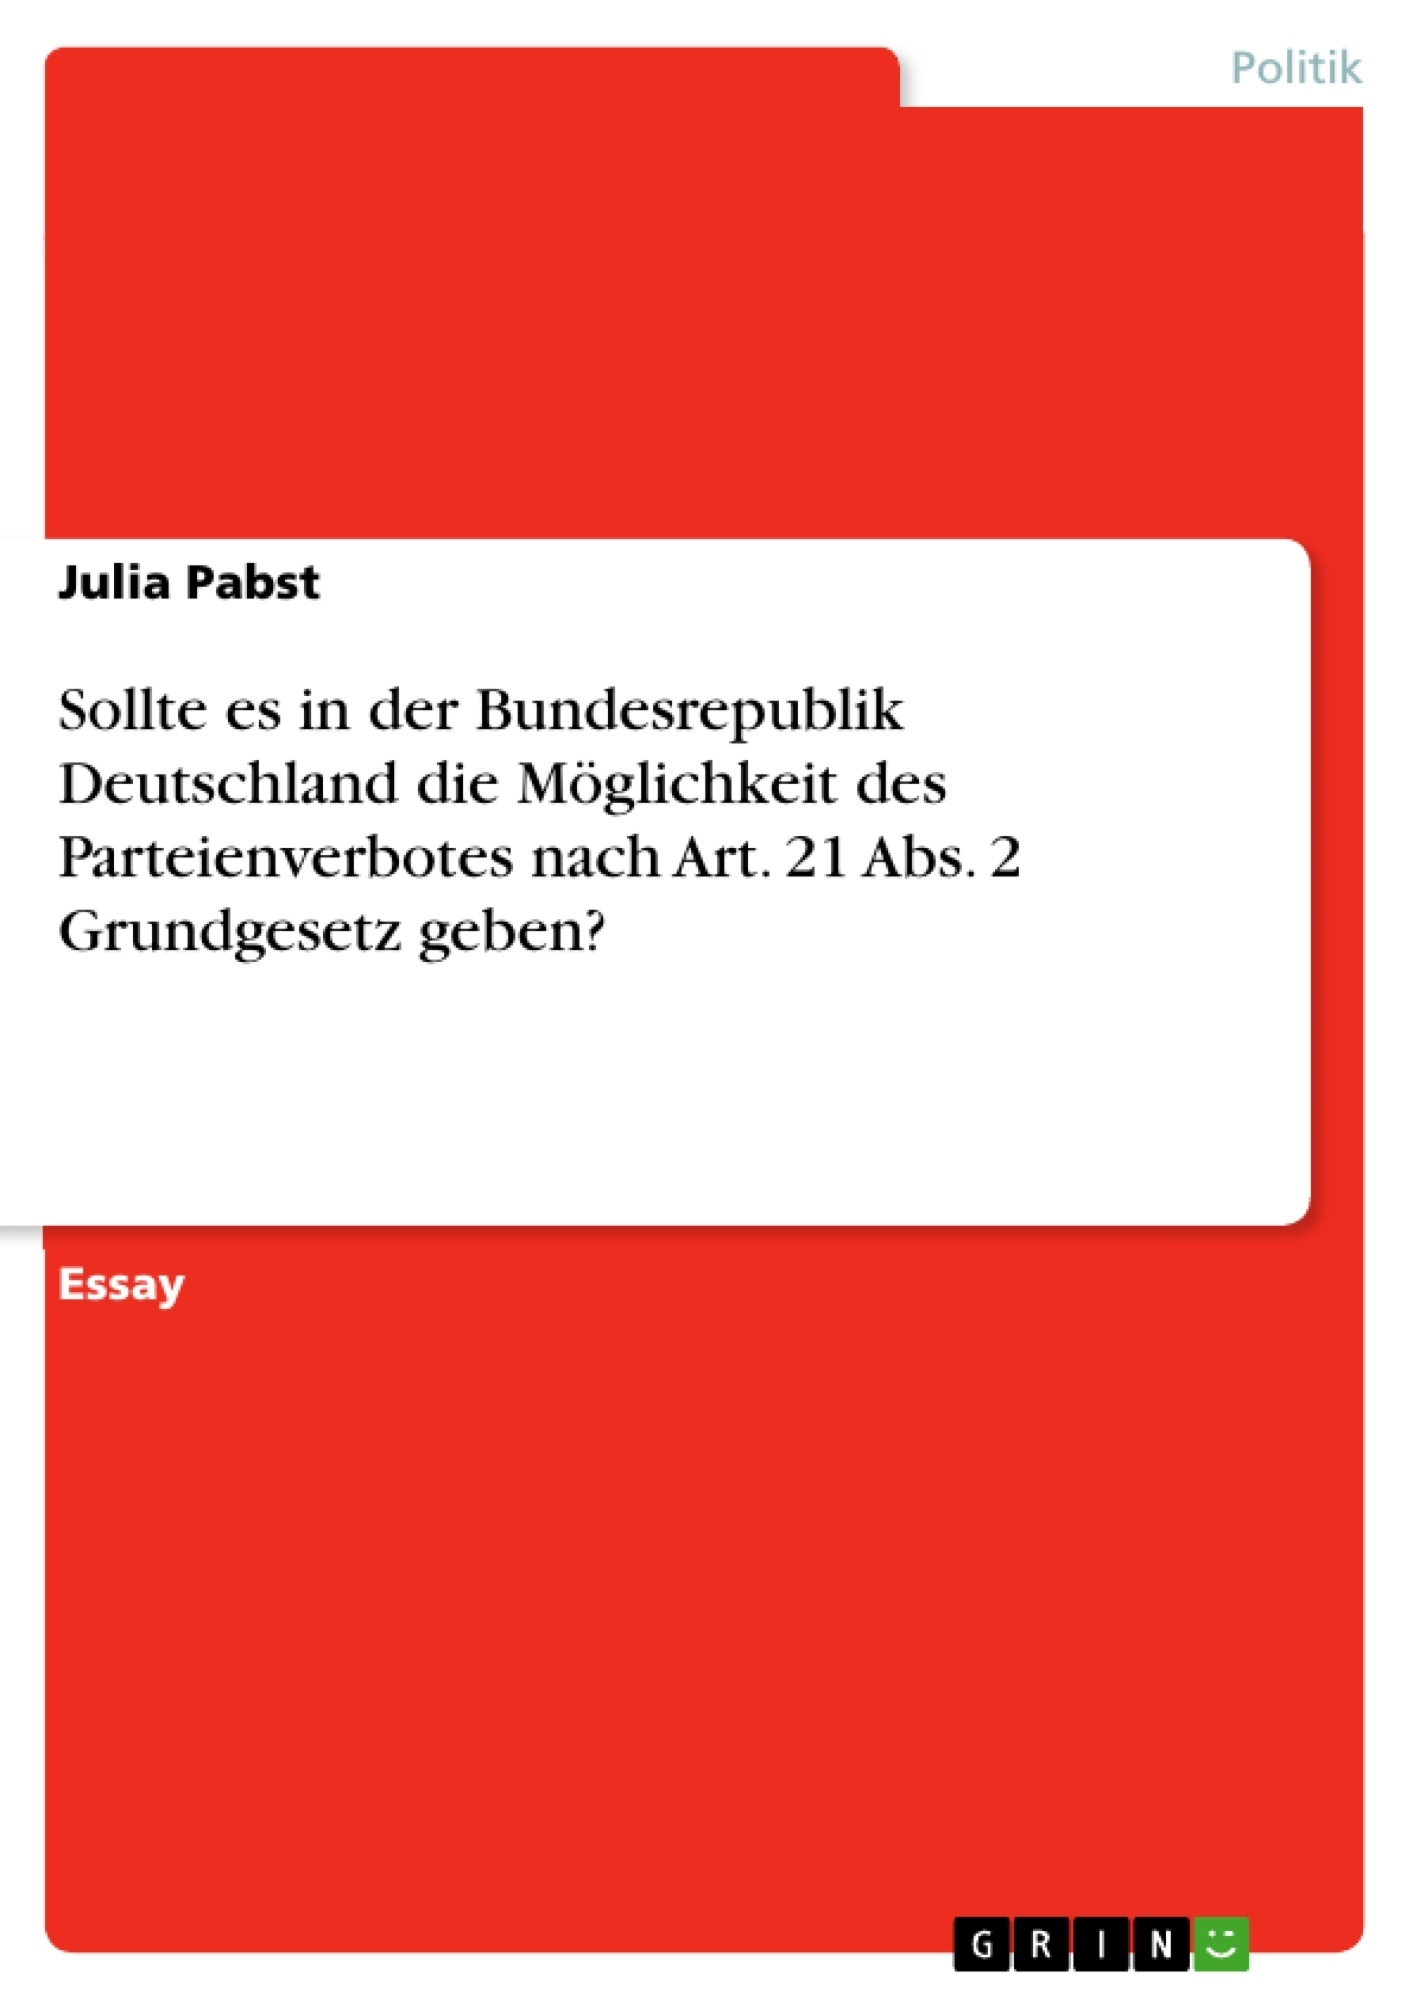 Titel: Sollte es in der Bundesrepublik Deutschland die Möglichkeit des Parteienverbotes nach Art. 21 Abs. 2 Grundgesetz geben?